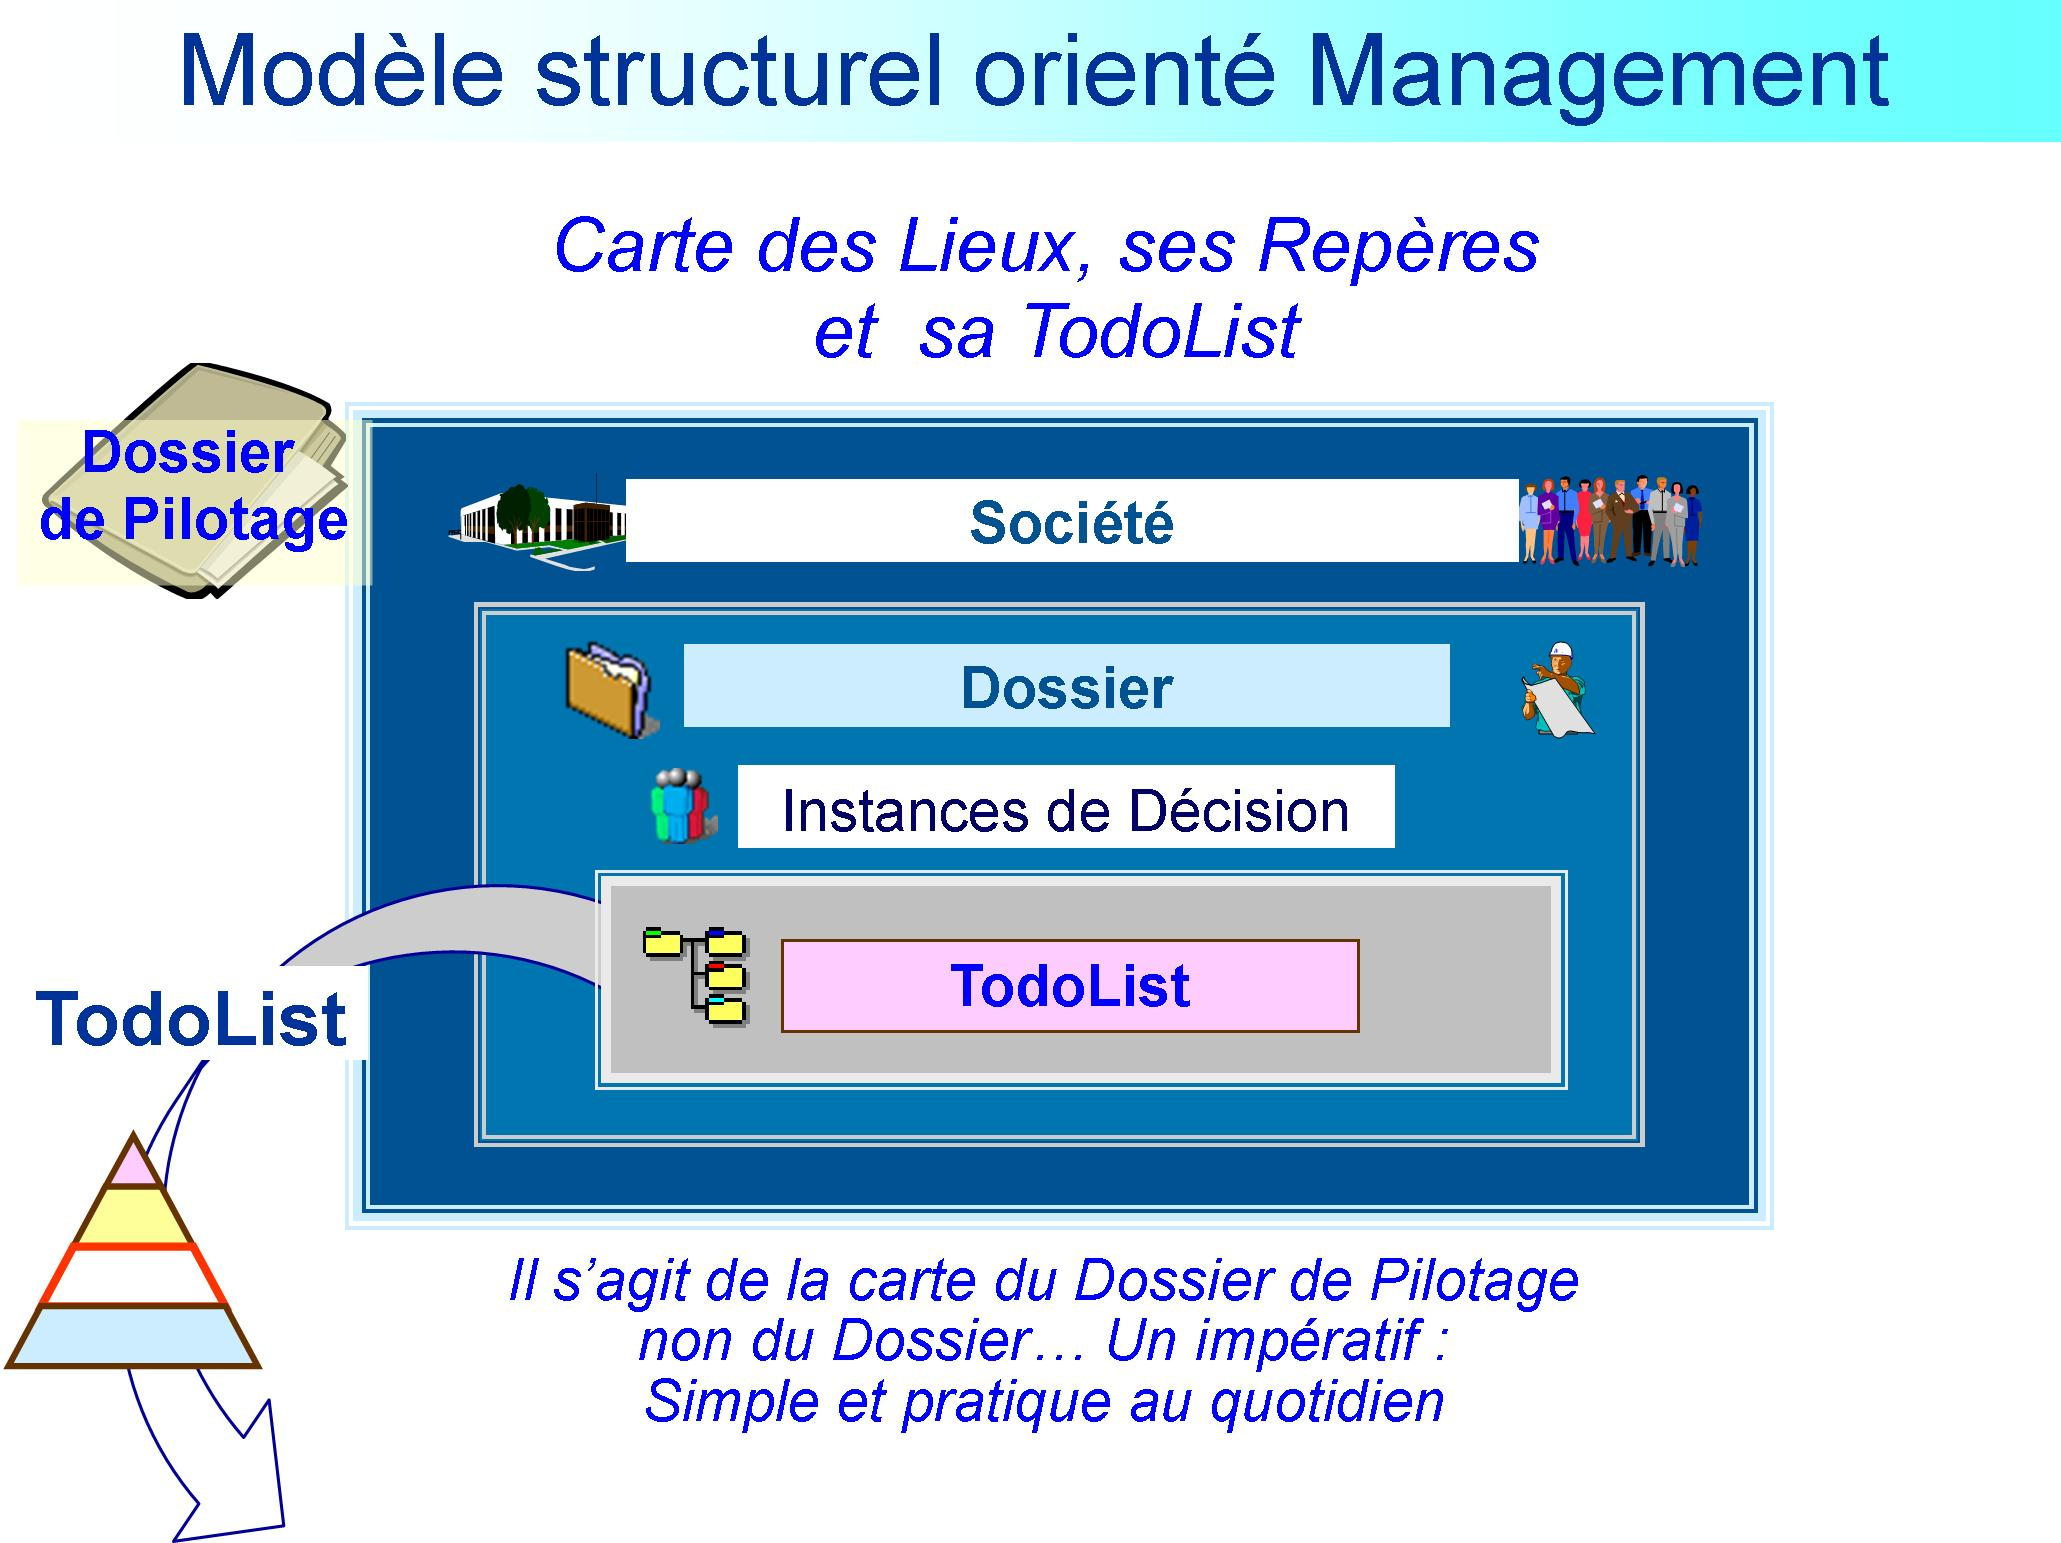 Modèle Structurel Orienté Management